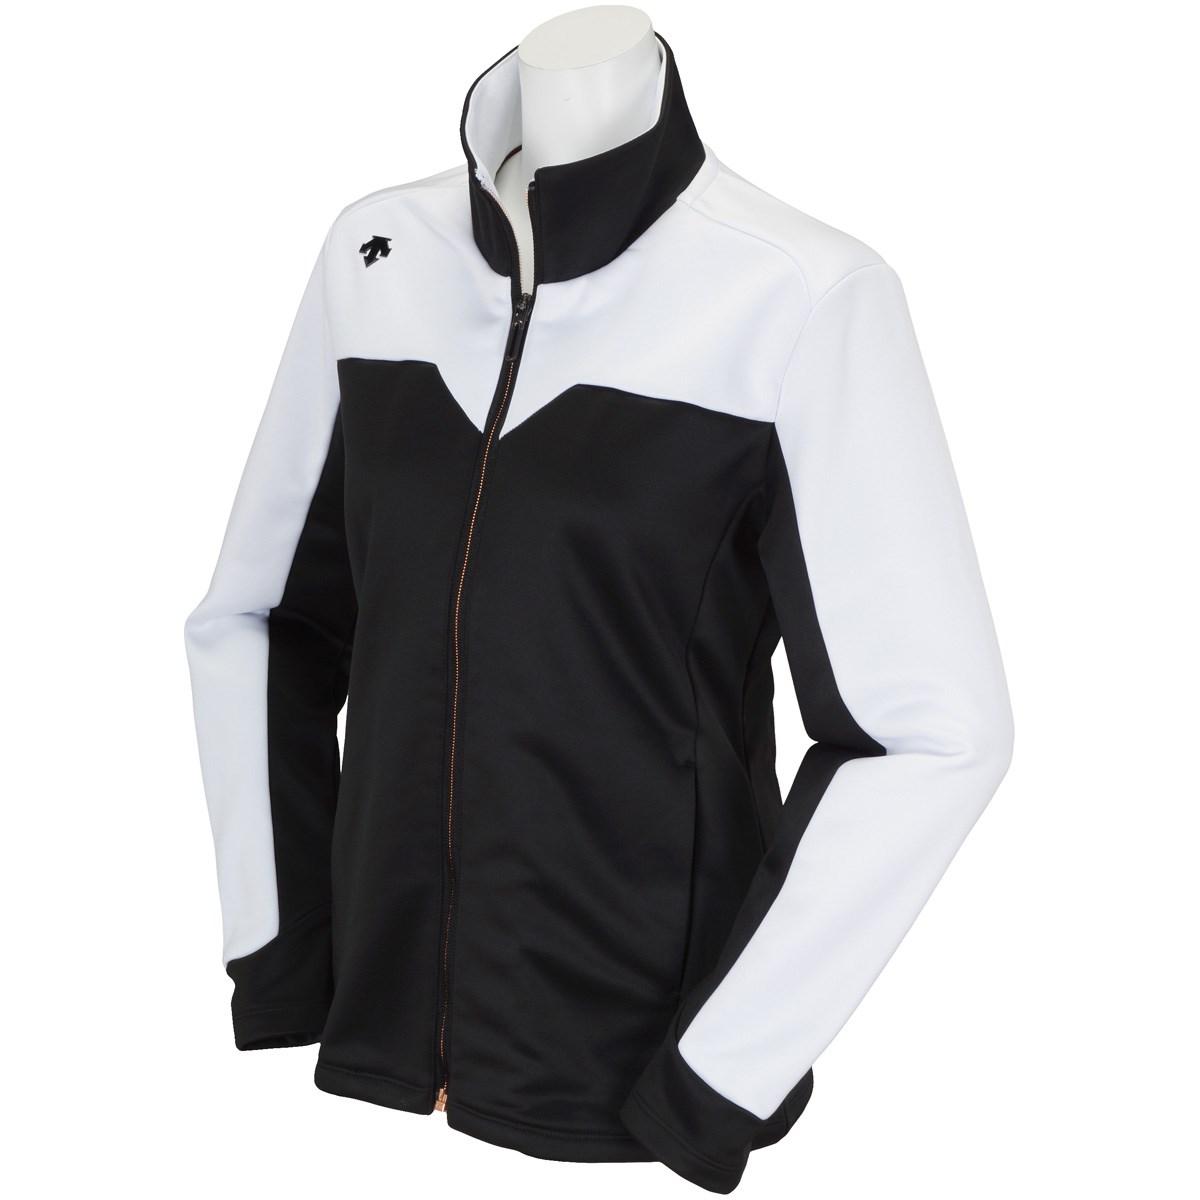 デサントゴルフ DESCENTE GOLF ストレッチ ジャージージャケット S ホワイト レディス